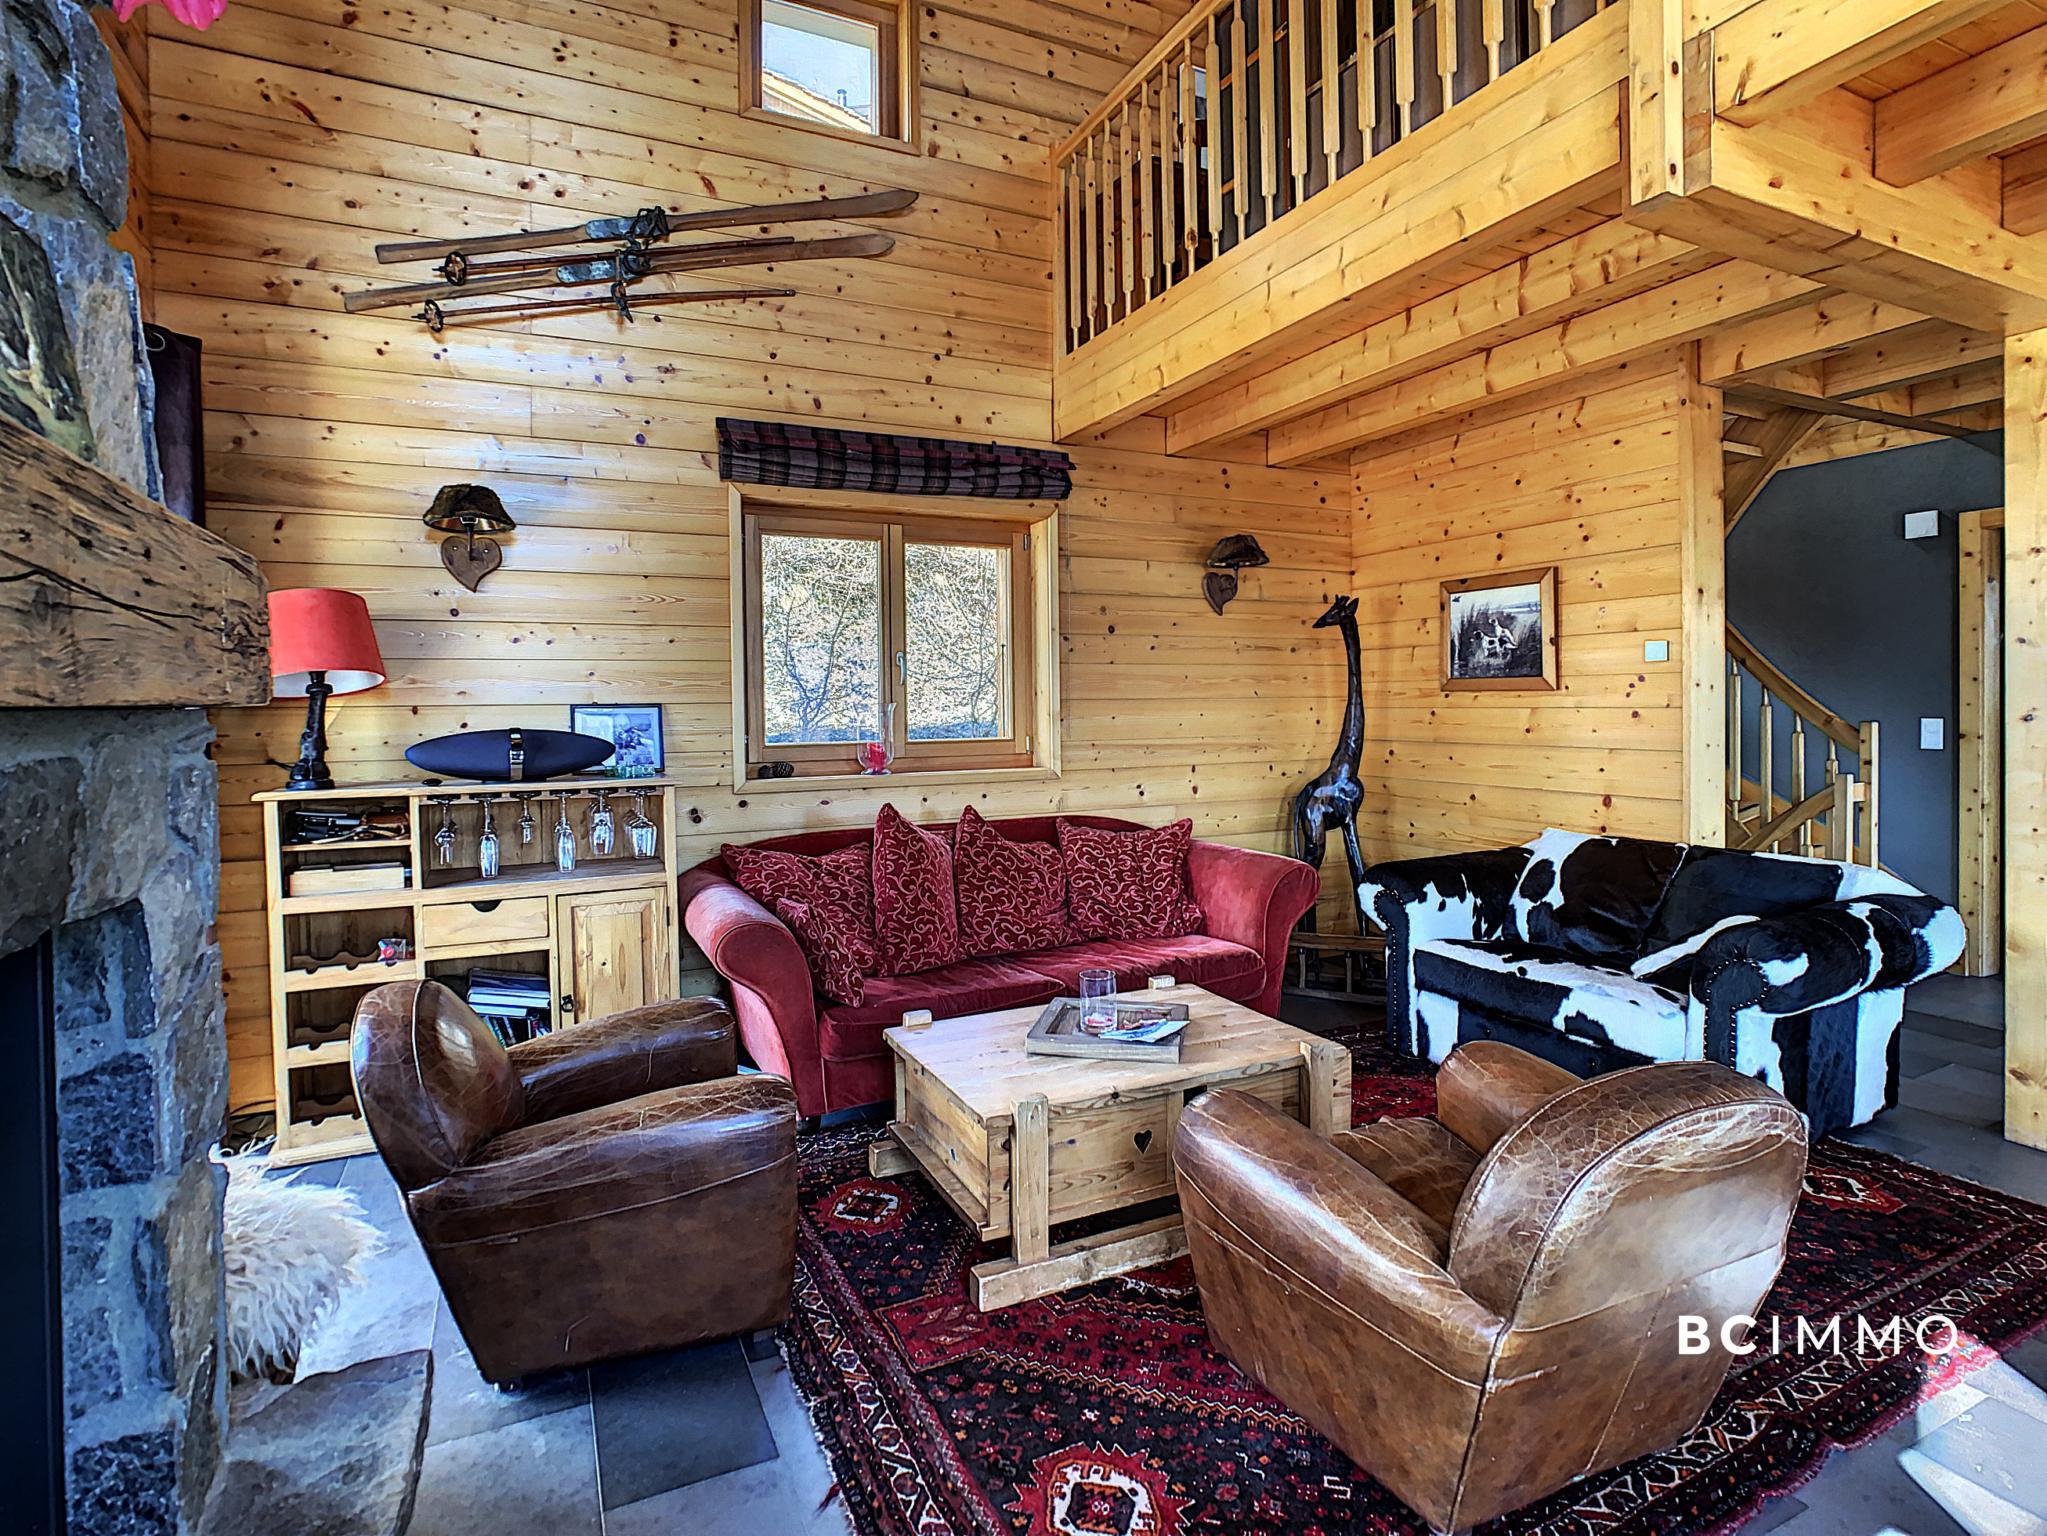 BC Immo - Magnifique chalet meublé idéalement situé aux Collons - ICE1988GS